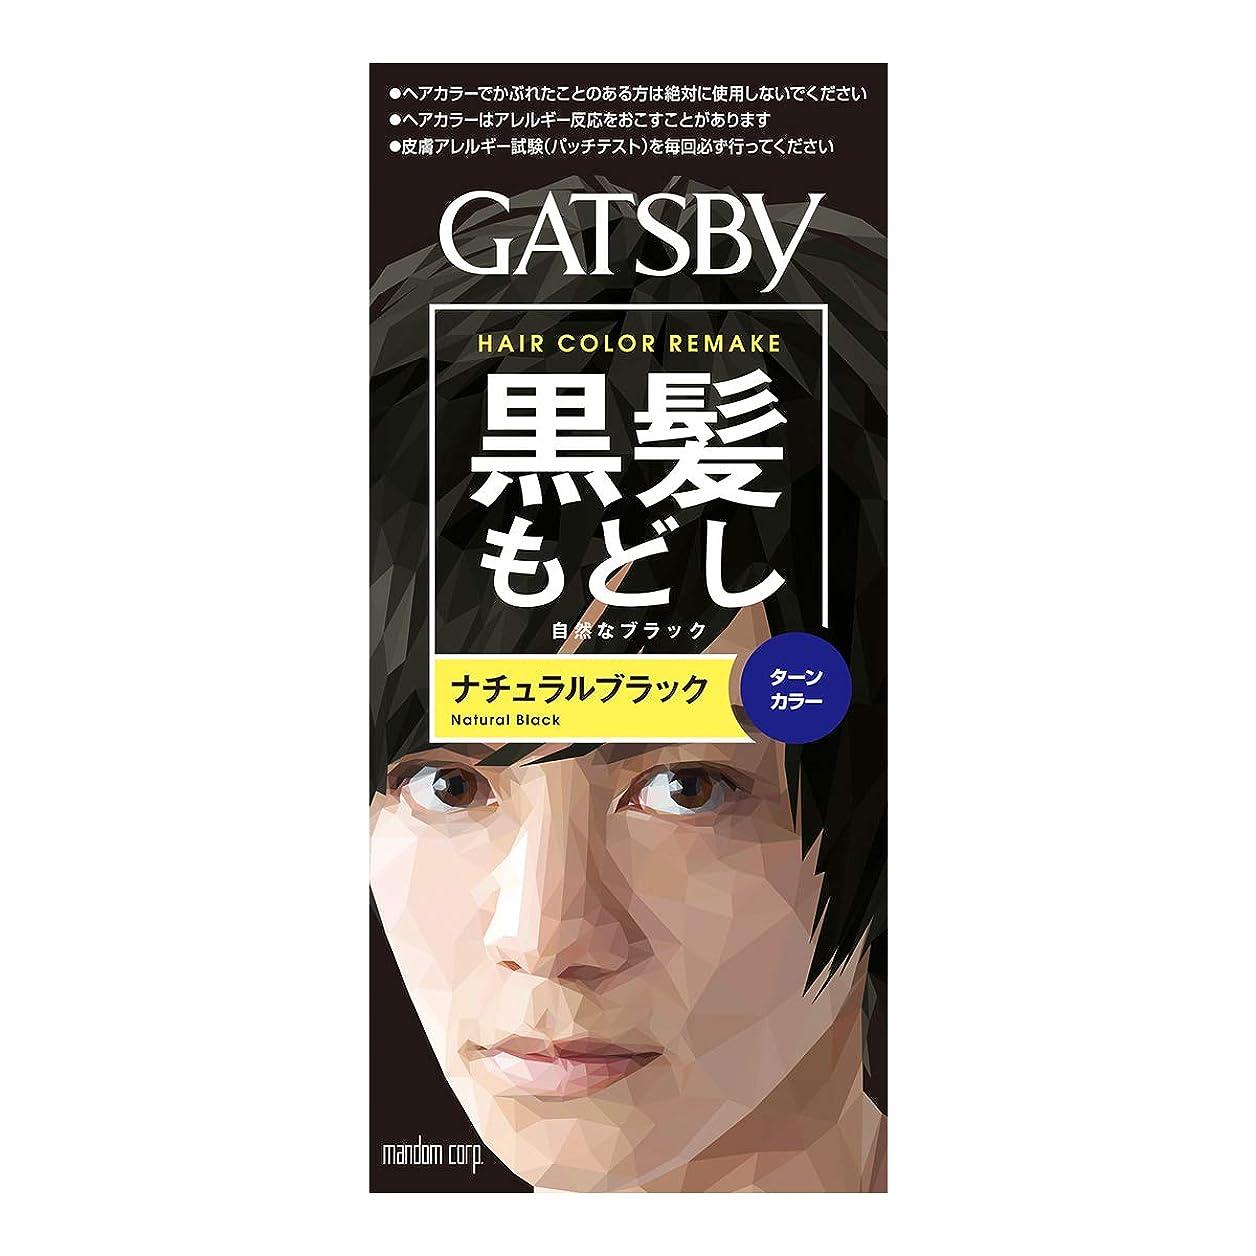 レキシコン中央逆GATSBY(ギャツビー) ターンカラー ナチュラルブラック 1剤35g 2剤70mL (医薬部外品)